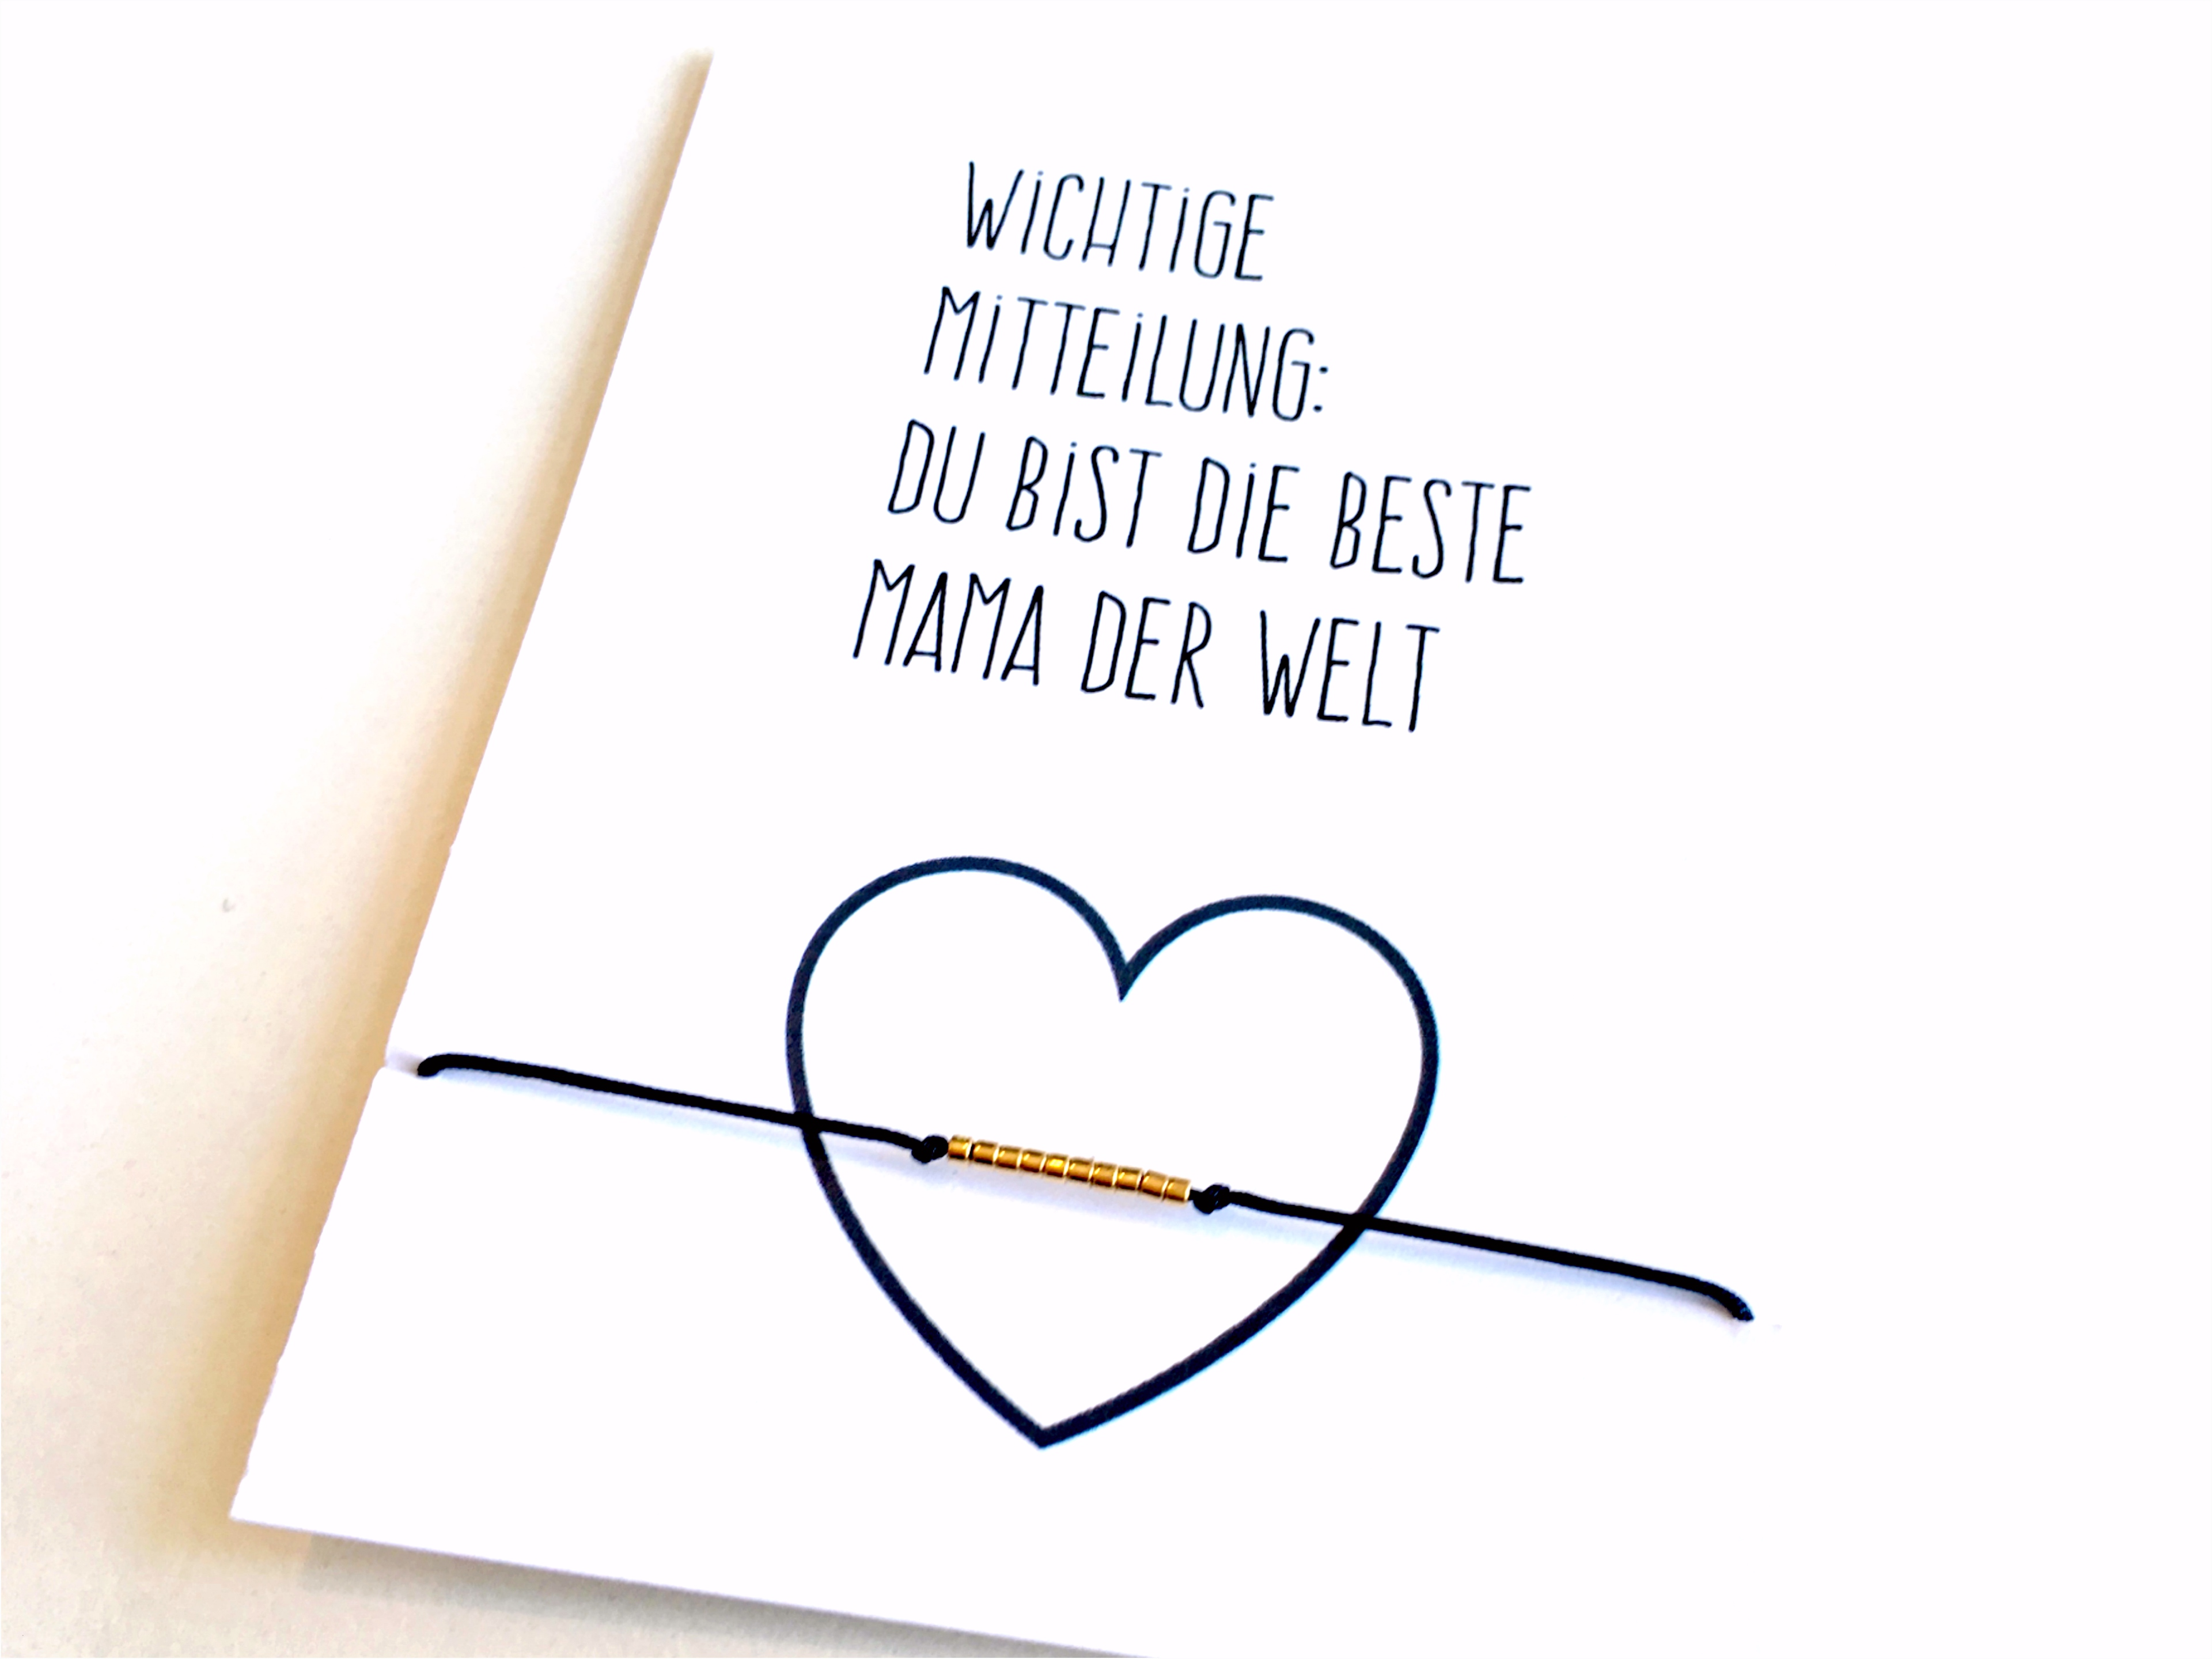 Muttertagskarte Vorlage 85 Elegant Fotos Von Danksagung An Mama A6dd65eoh1 Junashcjf5